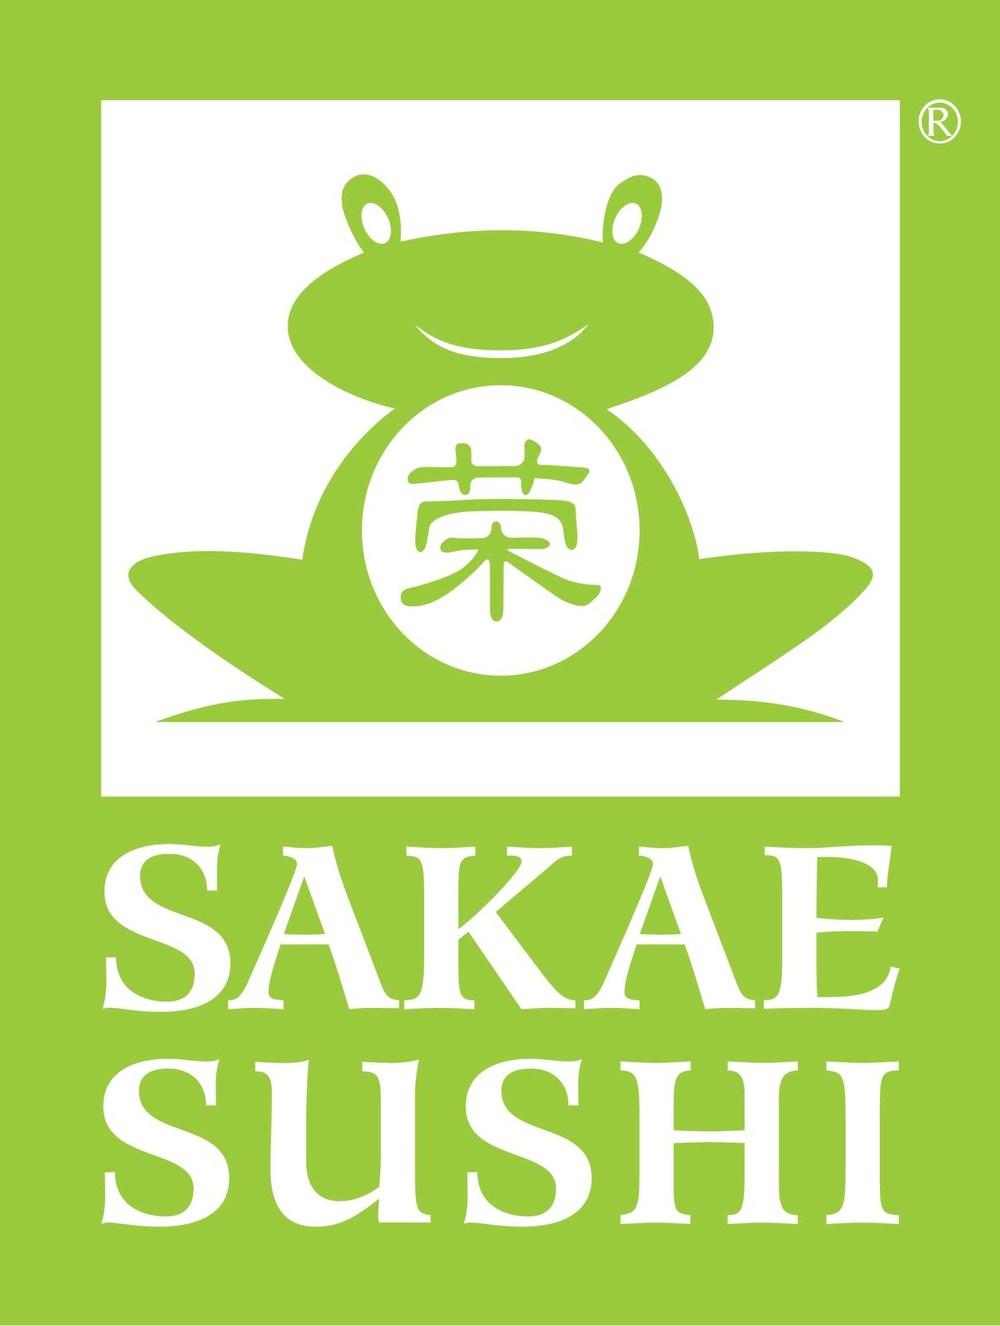 sakae-sushi-logo-vertical-green-2008-crop-5.jpg